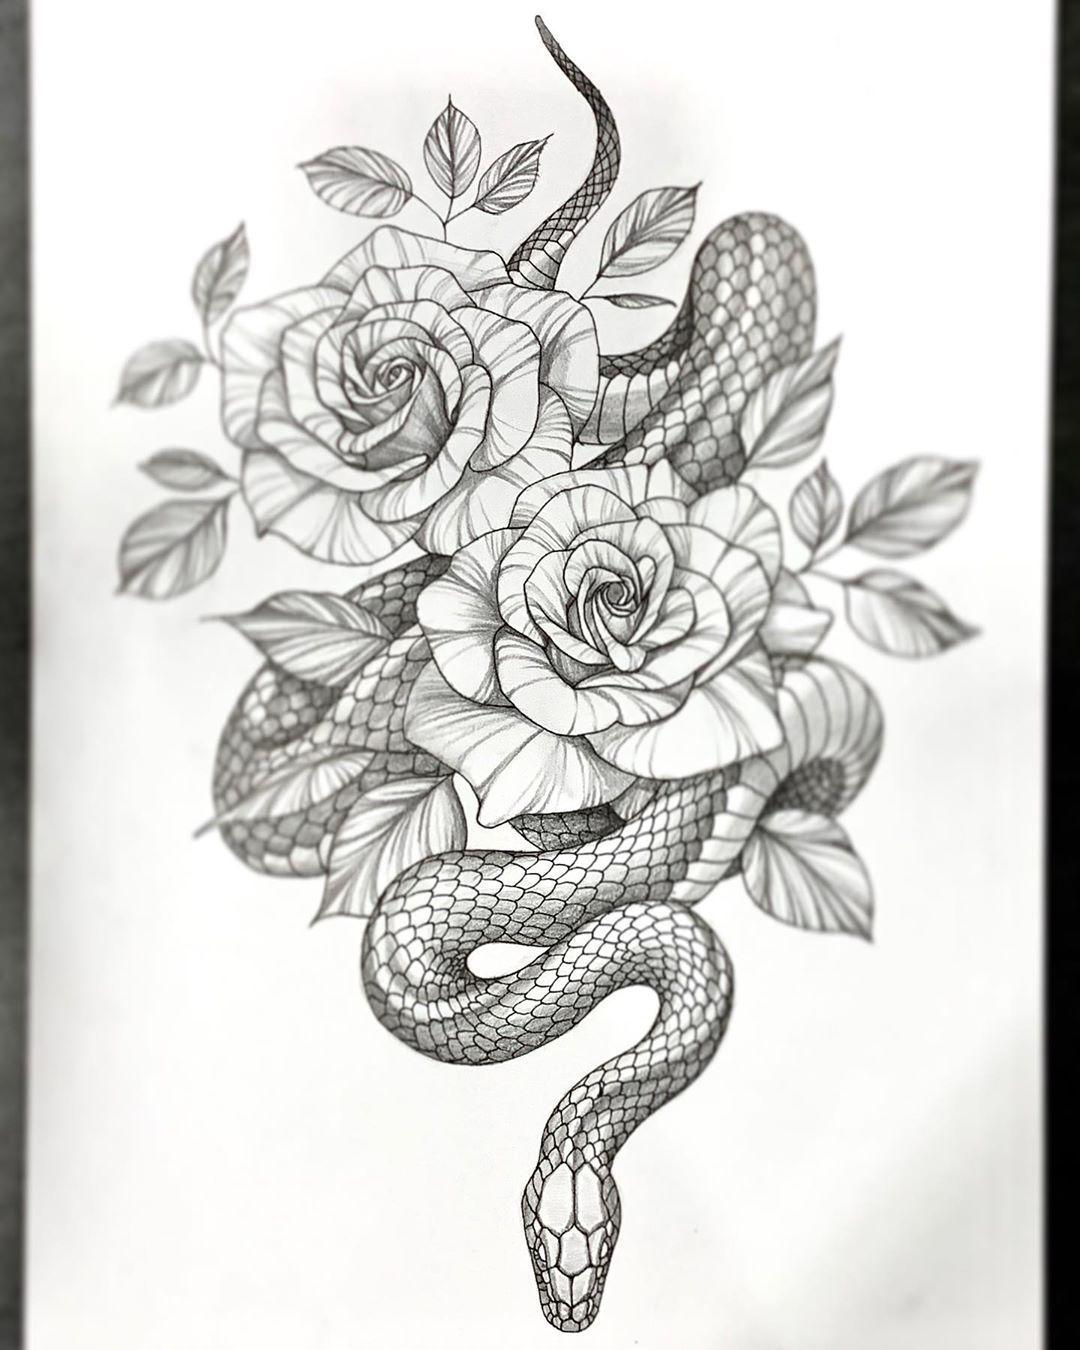 Sun and moon #tattoo ideen mond Sun and moon, #3dtattoosforwomen #beau